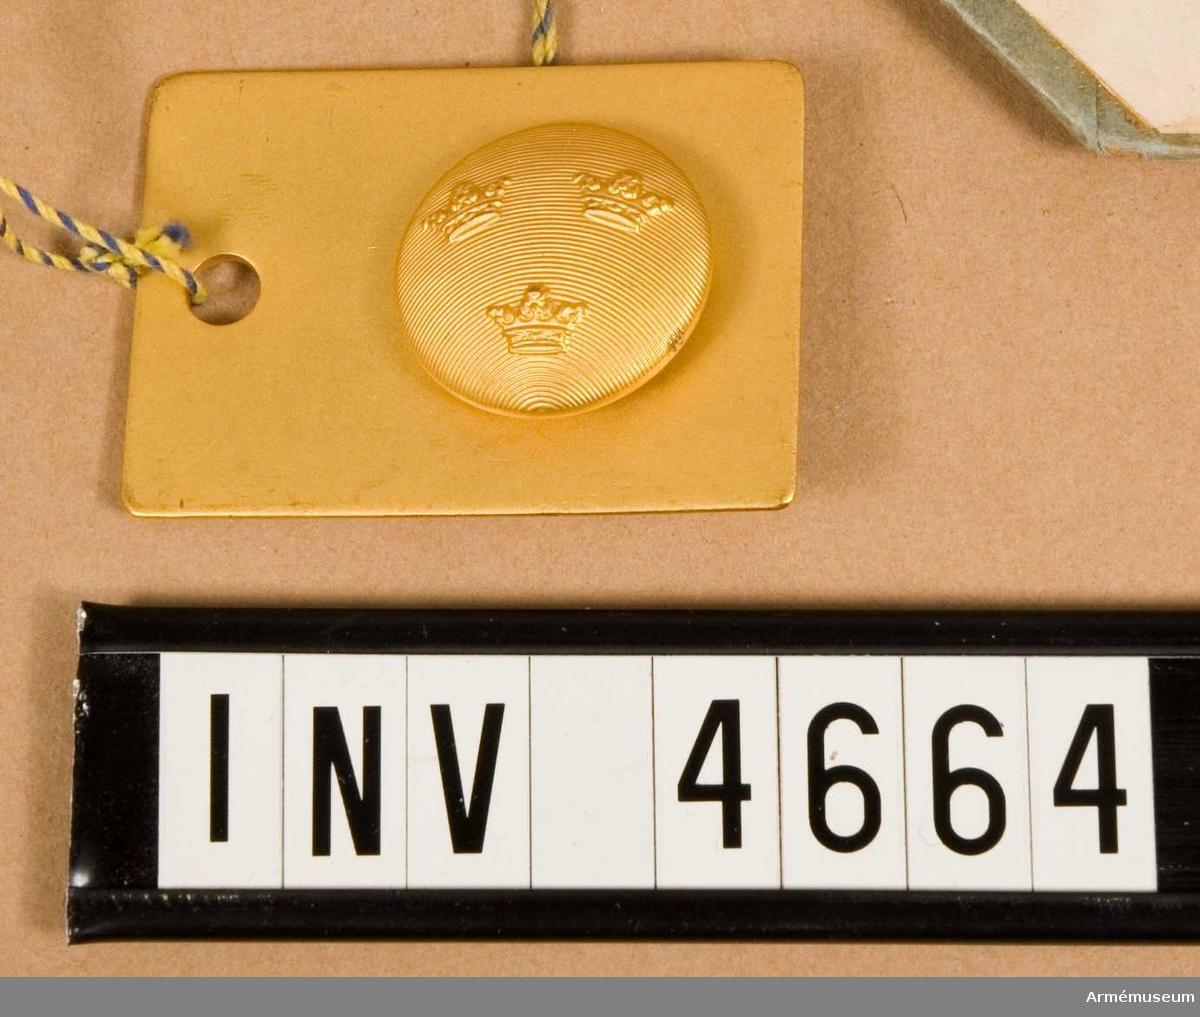 """Likaren är avsedd för emblem, knappar m fl tillbehör till  uniform m/1952. Färglikaren består av en platta av metall vars  färg är likare för färgen å tjänstetecken till uniform m/1952. Som exempel är en manskapsknapp - tre kronor - anbringad; den är benämnd Knapp m/1952 för övrig personal, stor. För fastsättning vid plattan är detta modellexemplar försett med två klammer på baksidan. Vidhängande etikett anger fastställelsedag: """"Stockholm Slott den 14/8 1952 Torsten Nilsson C. Årmann""""."""